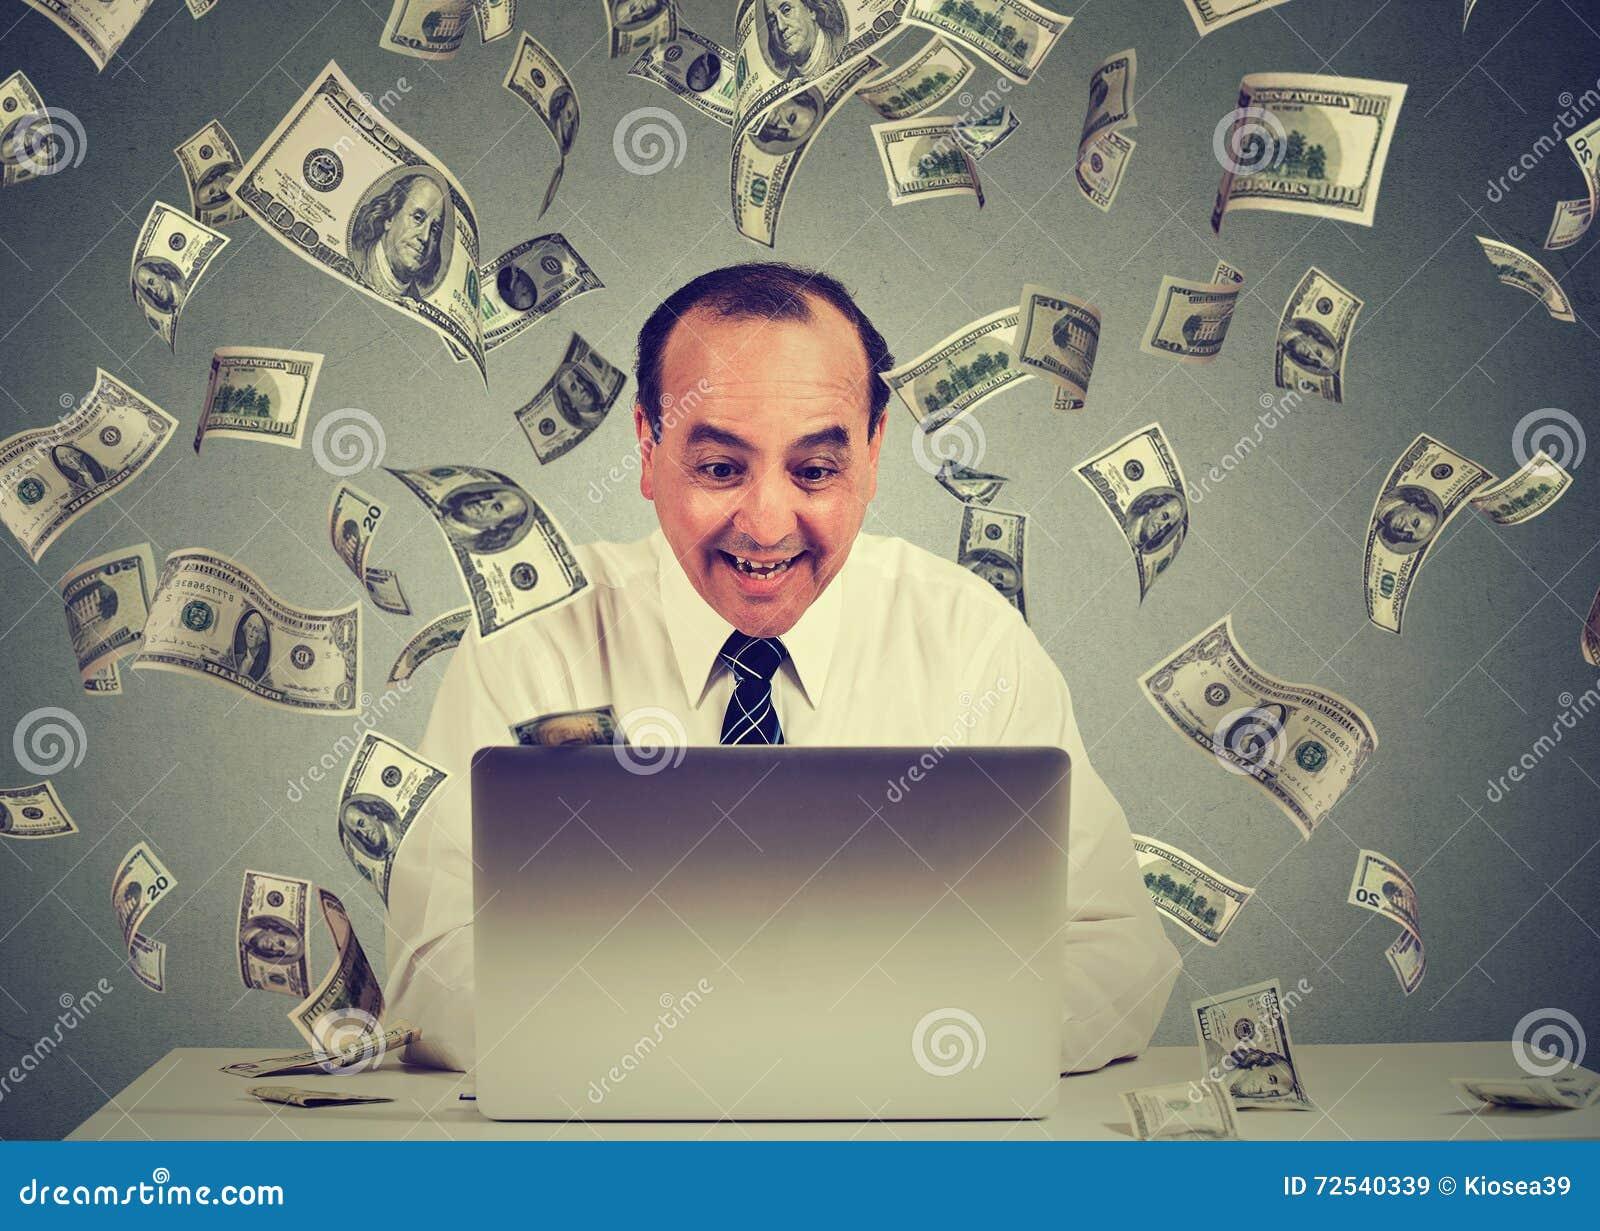 El hombre que usa el ordenador portátil que construye el negocio en línea que hace billetes de dólar del dinero cobra caer abajo